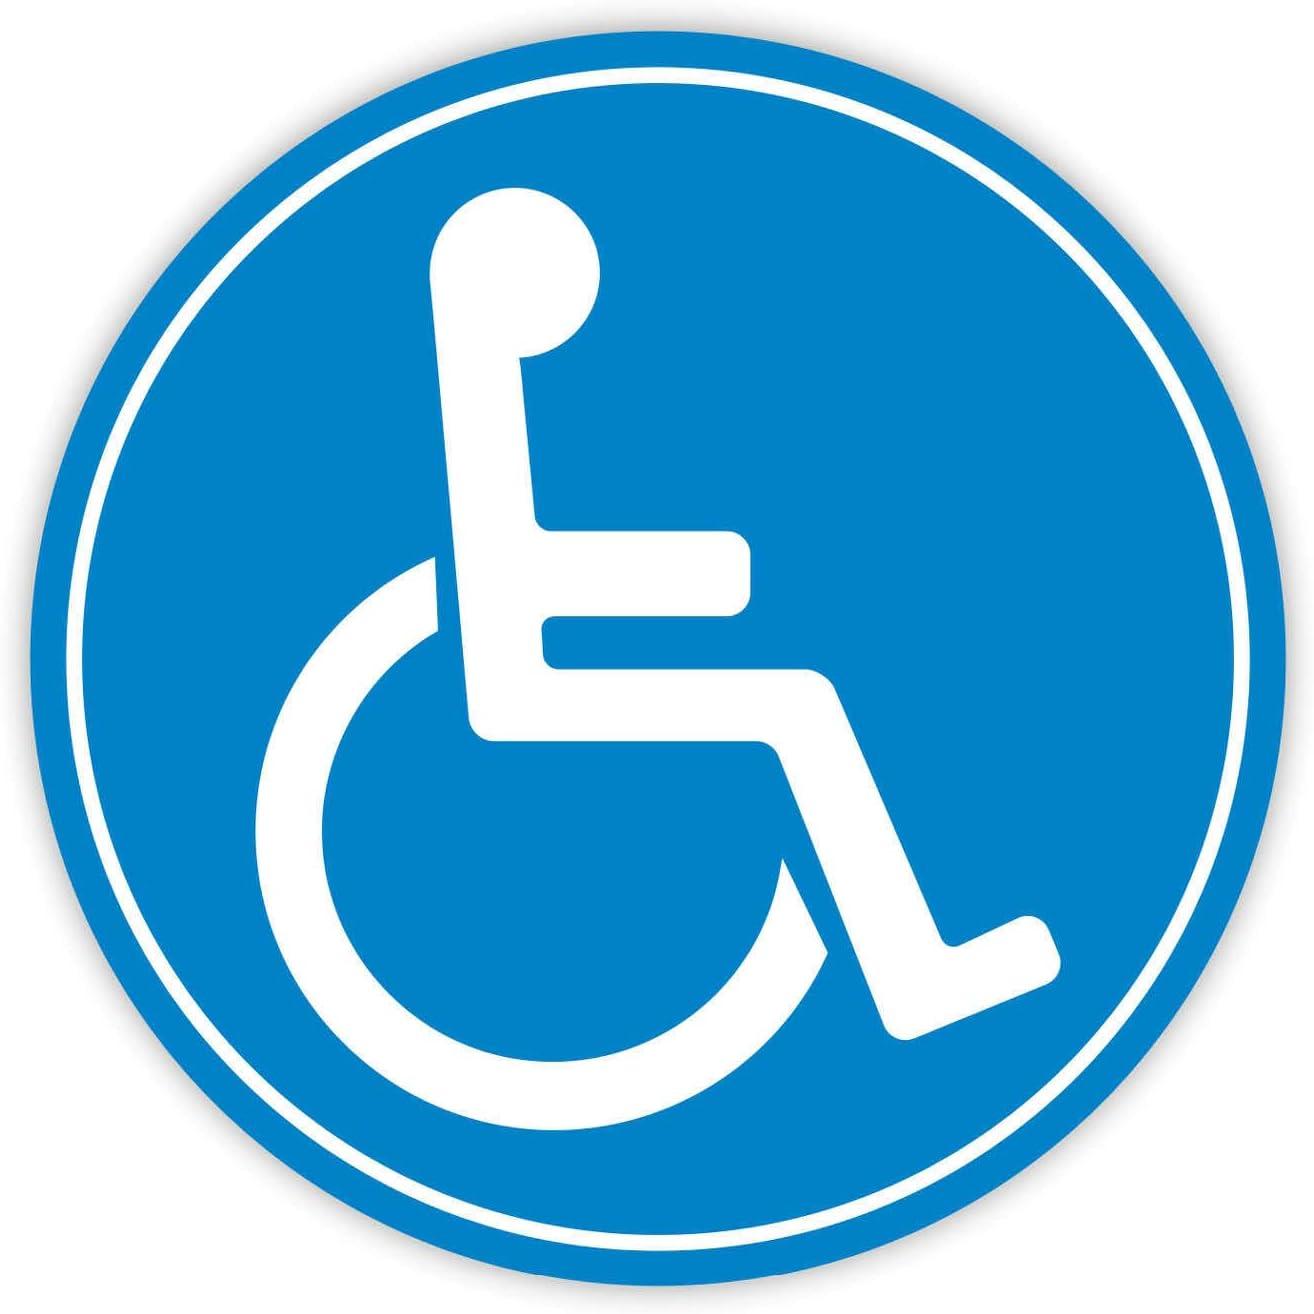 Aimants pour Voiture Aimant de Chaise roulante pour Voiture R/ésistant aux intemp/éries pour Transport de handicap/és